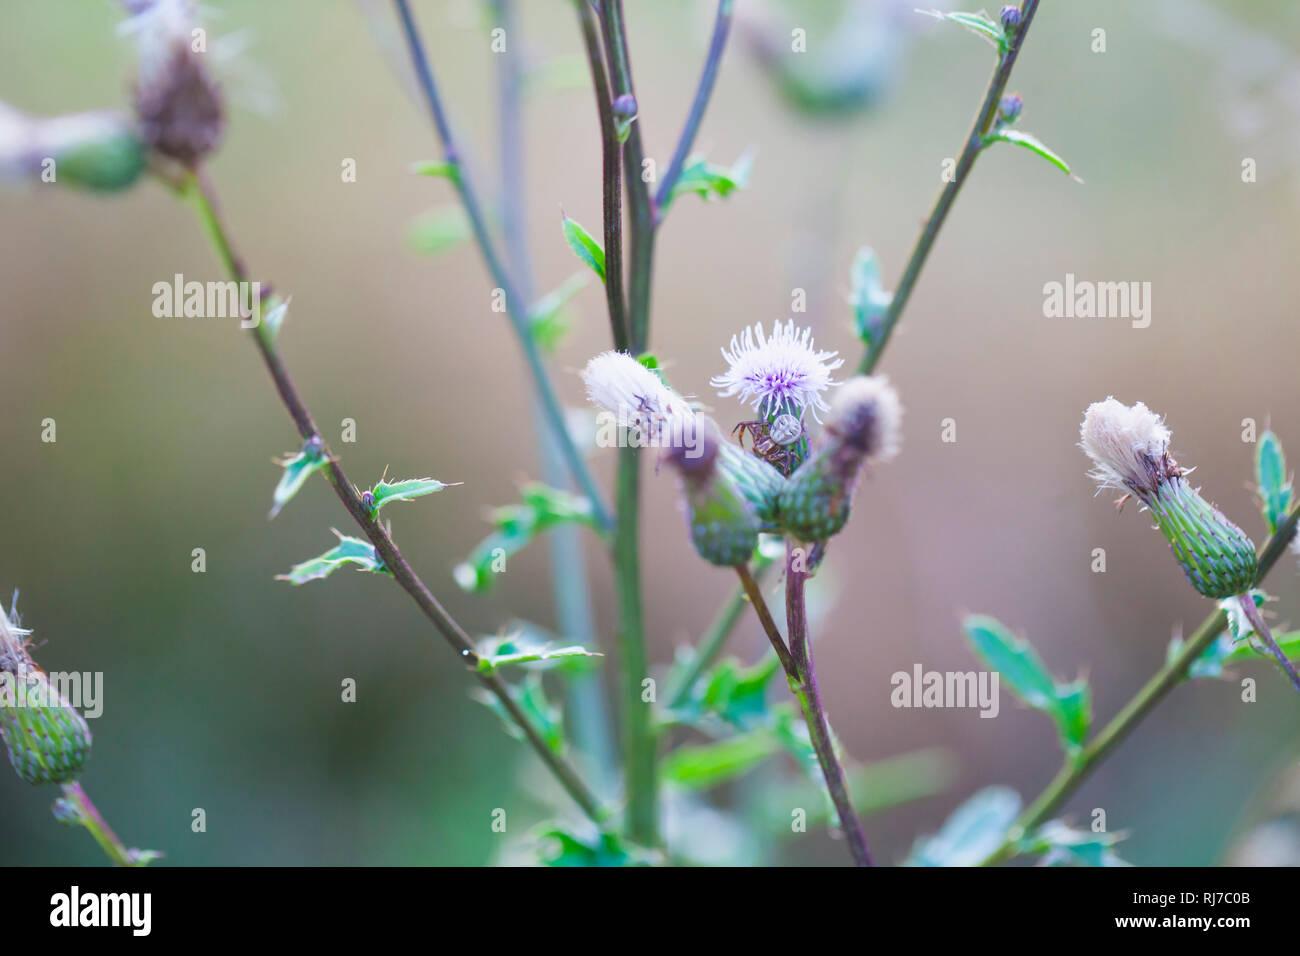 Eine Kreuzspinne auf einer Ackerdistel, Cirsium arvense, - Stock Image